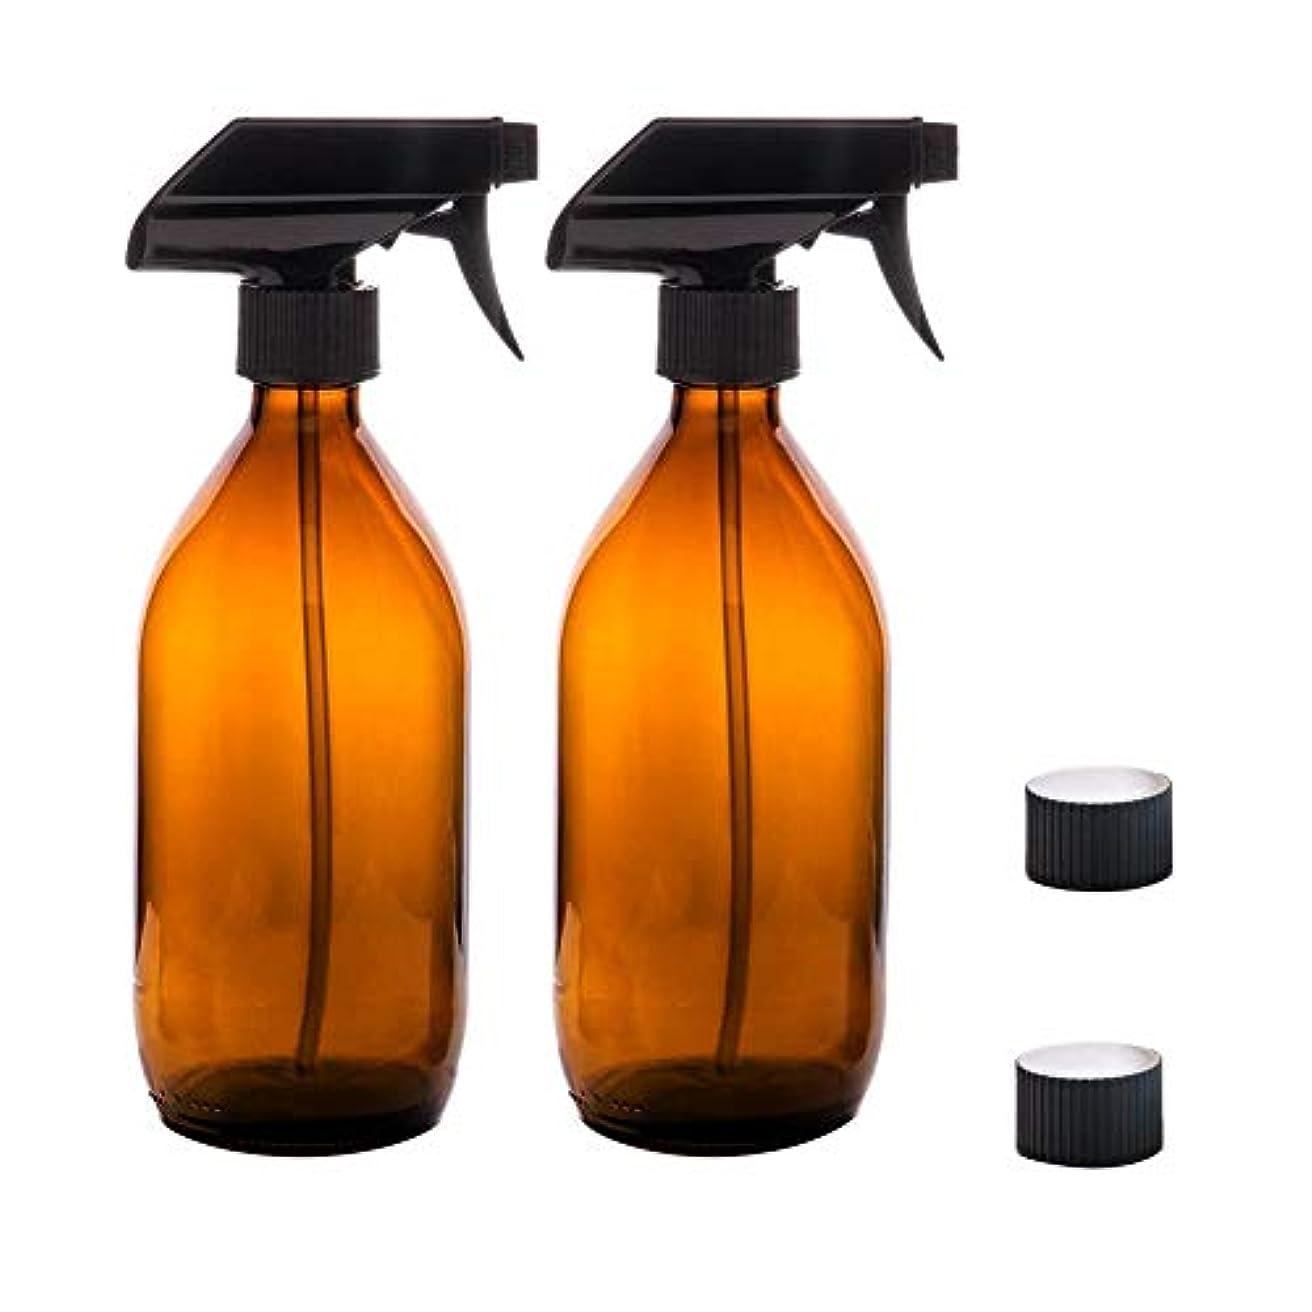 司書家庭教師ハイブリッドRagem スプレーボトル 霧吹き スプレー 500ml 遮光 極細のミスト 保湿スプレー 容器 植物水やり BPAフリー 2点セット ブラウン